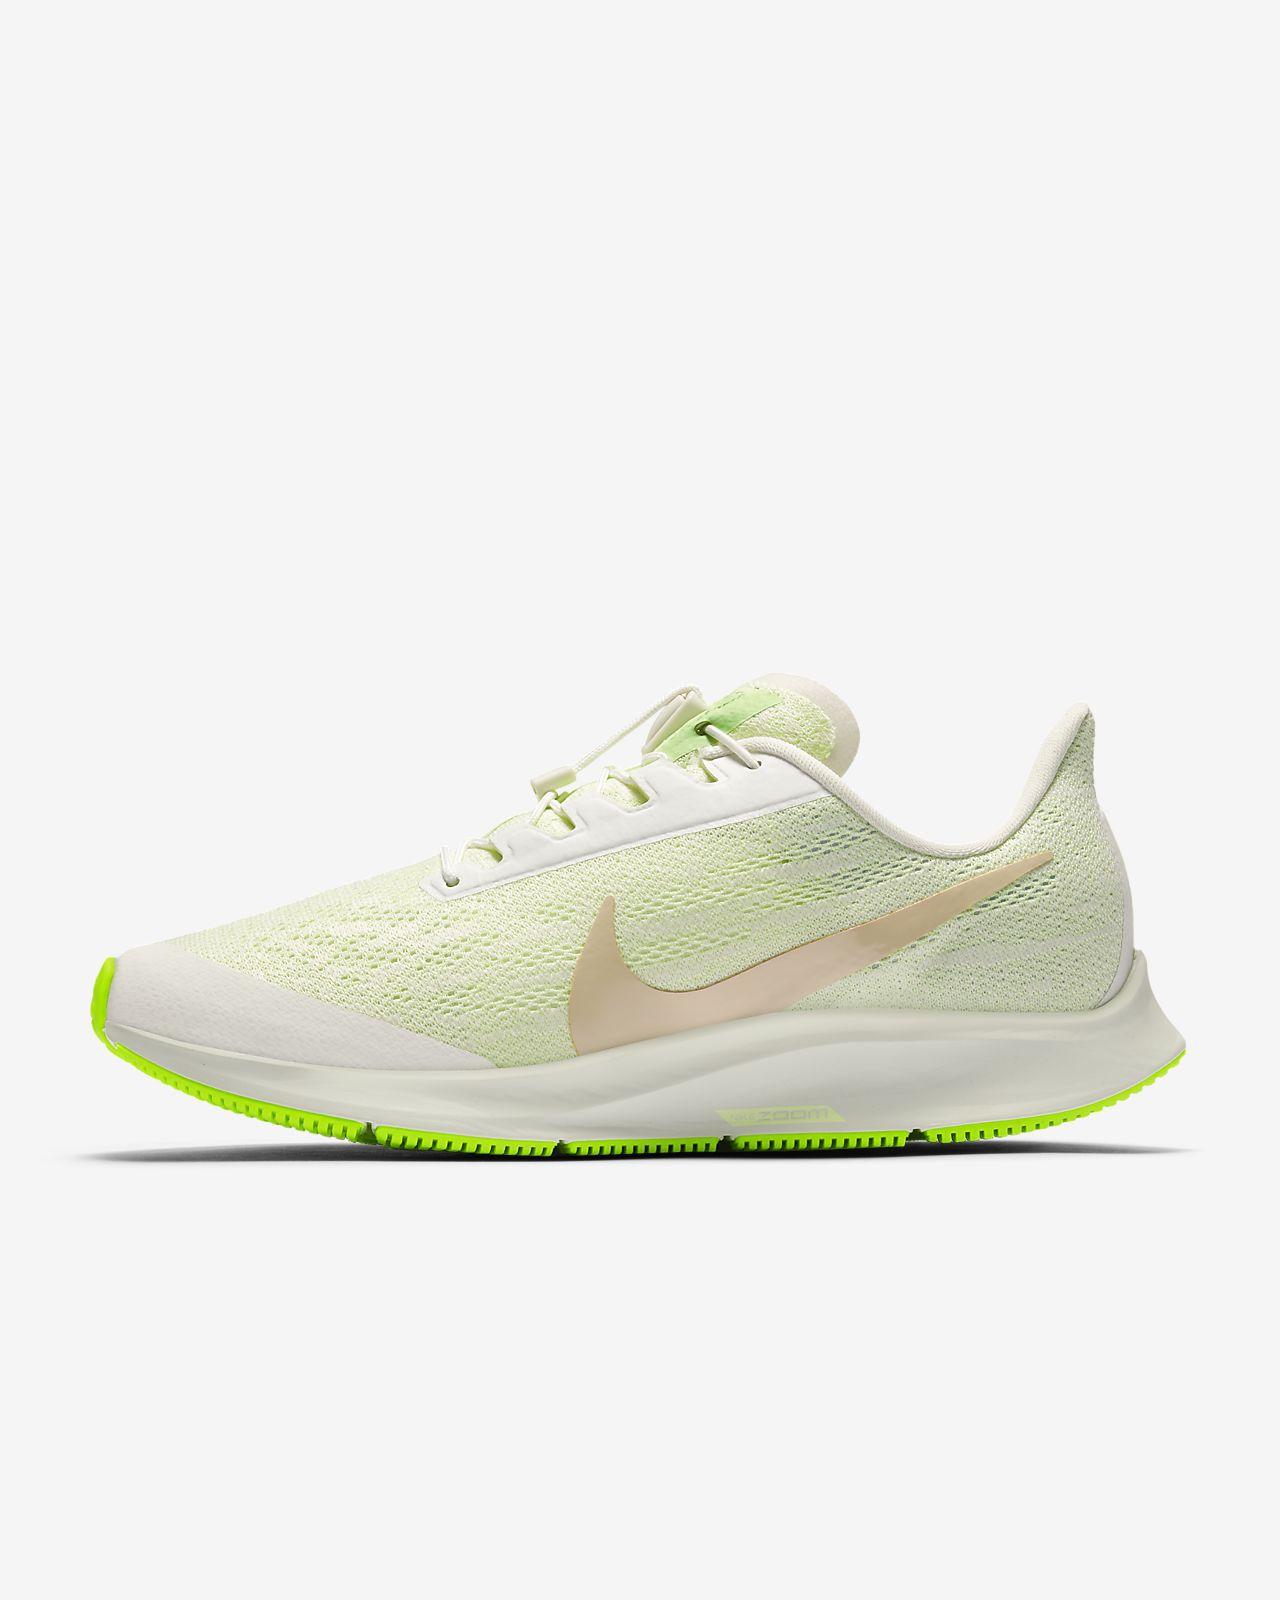 Dámská běžecká bota Nike Air Zoom Pegasus 36 FlyEase (široké provedení)